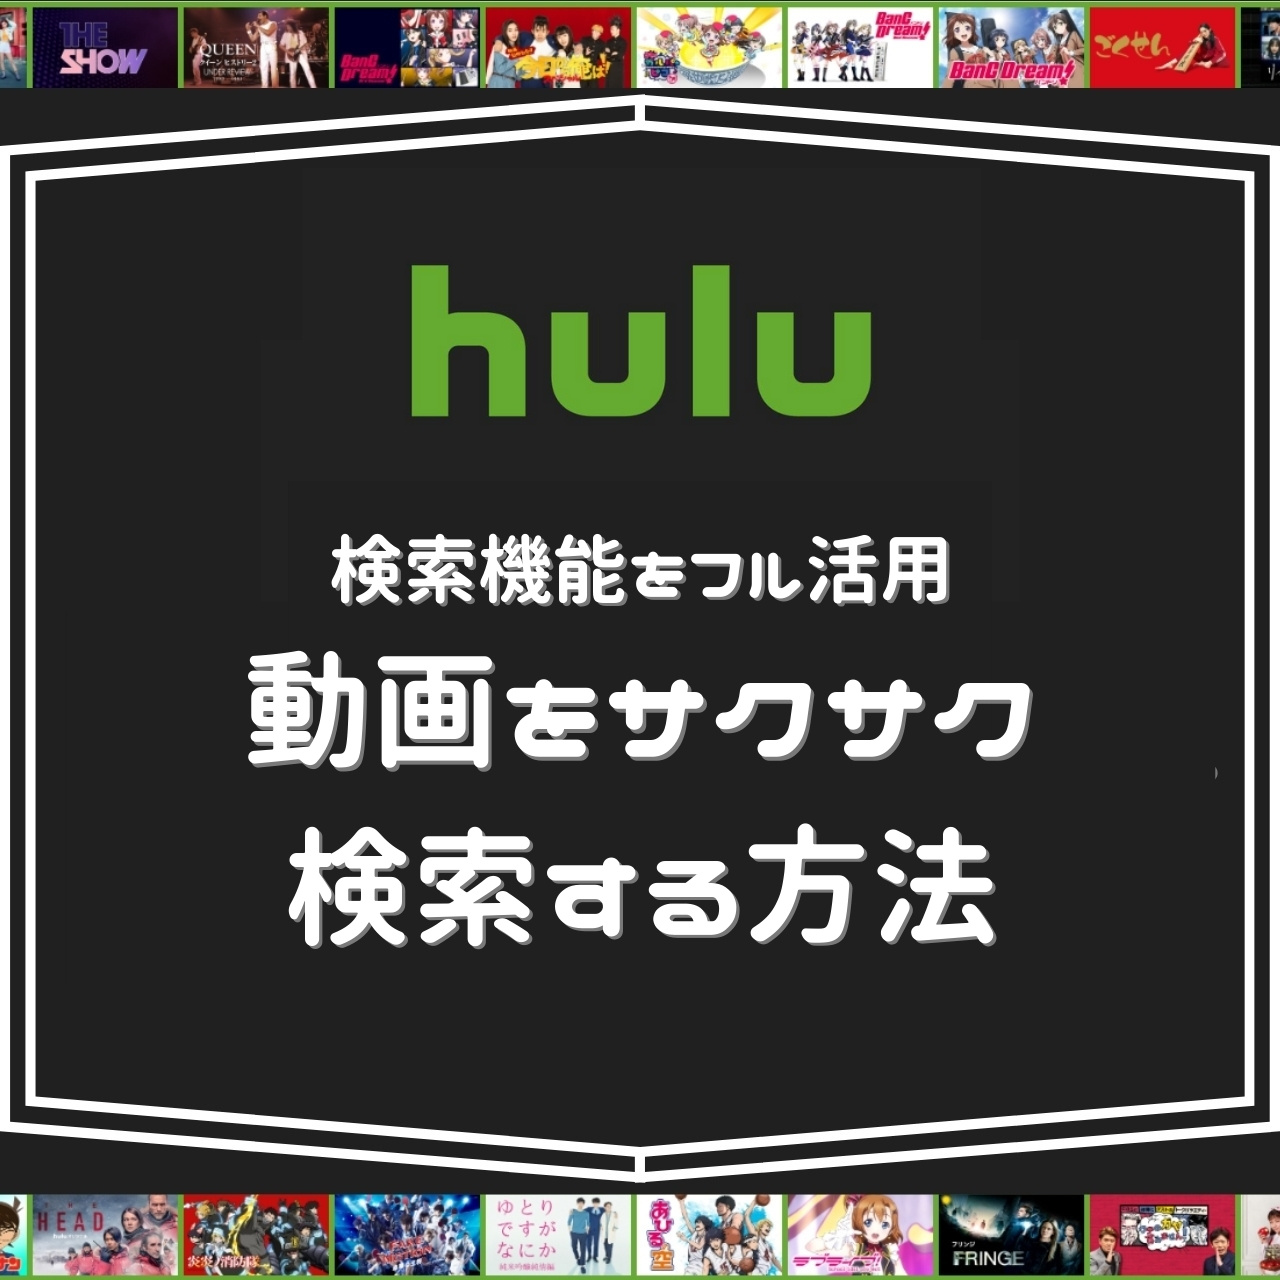 huluの検索機能をフル活用|動画をサクサク検索する方法を解説